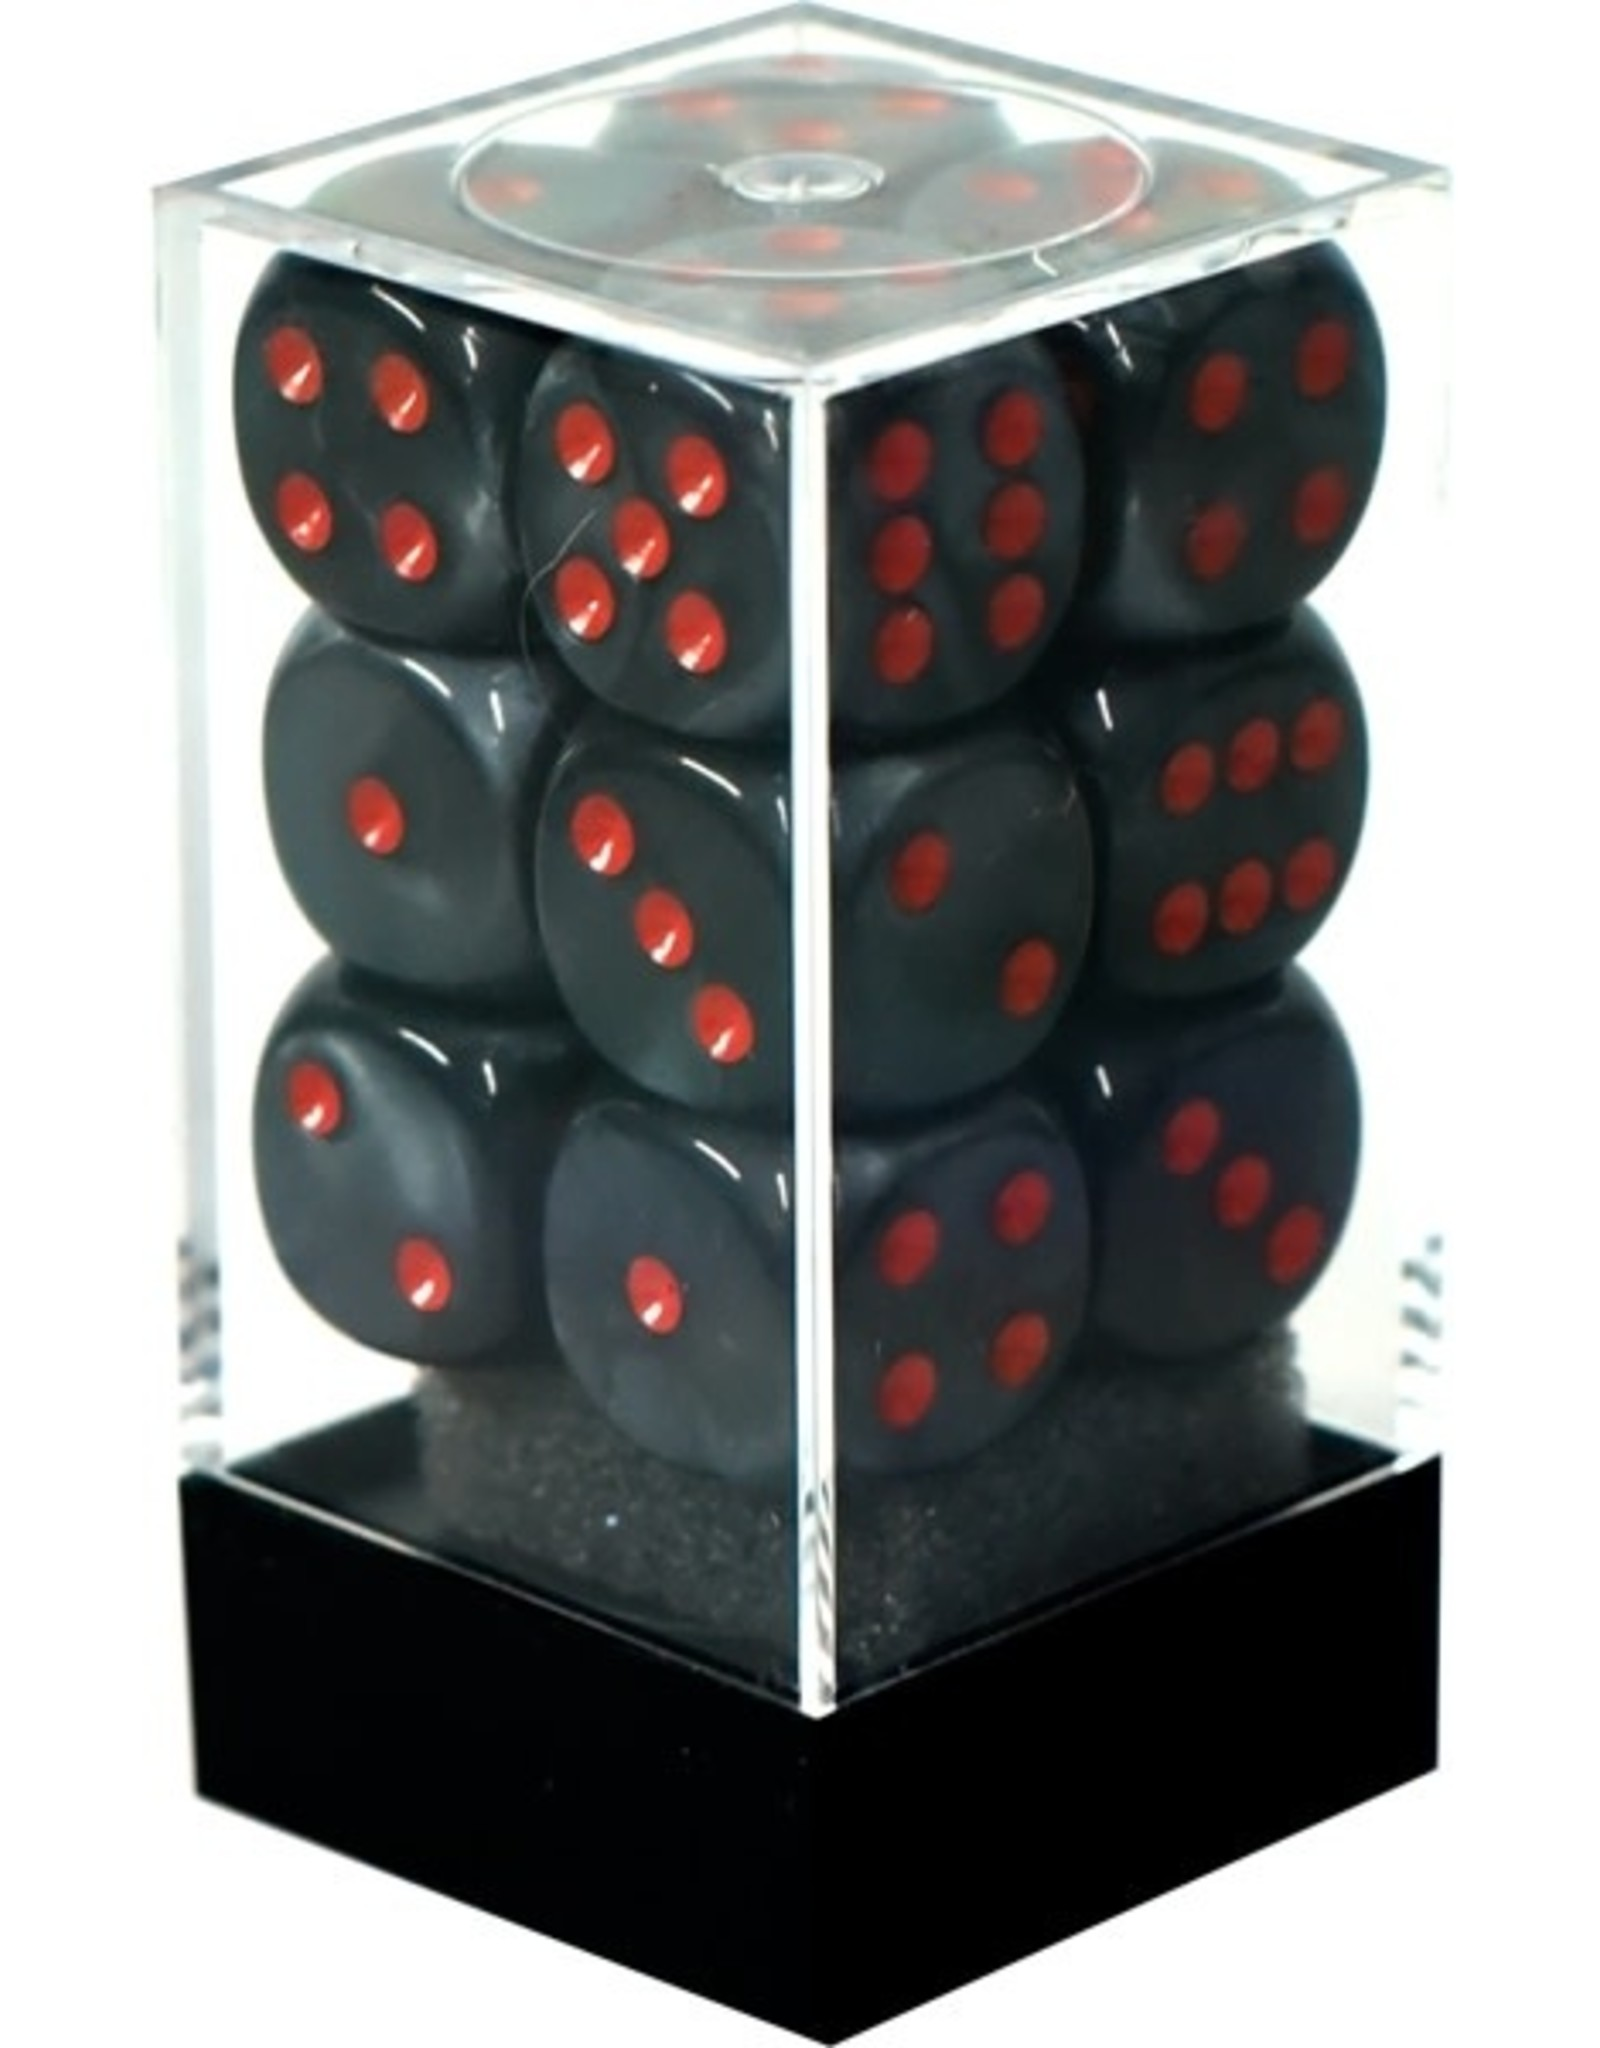 Chessex Chessex Velvet: 12D6 Black/Red